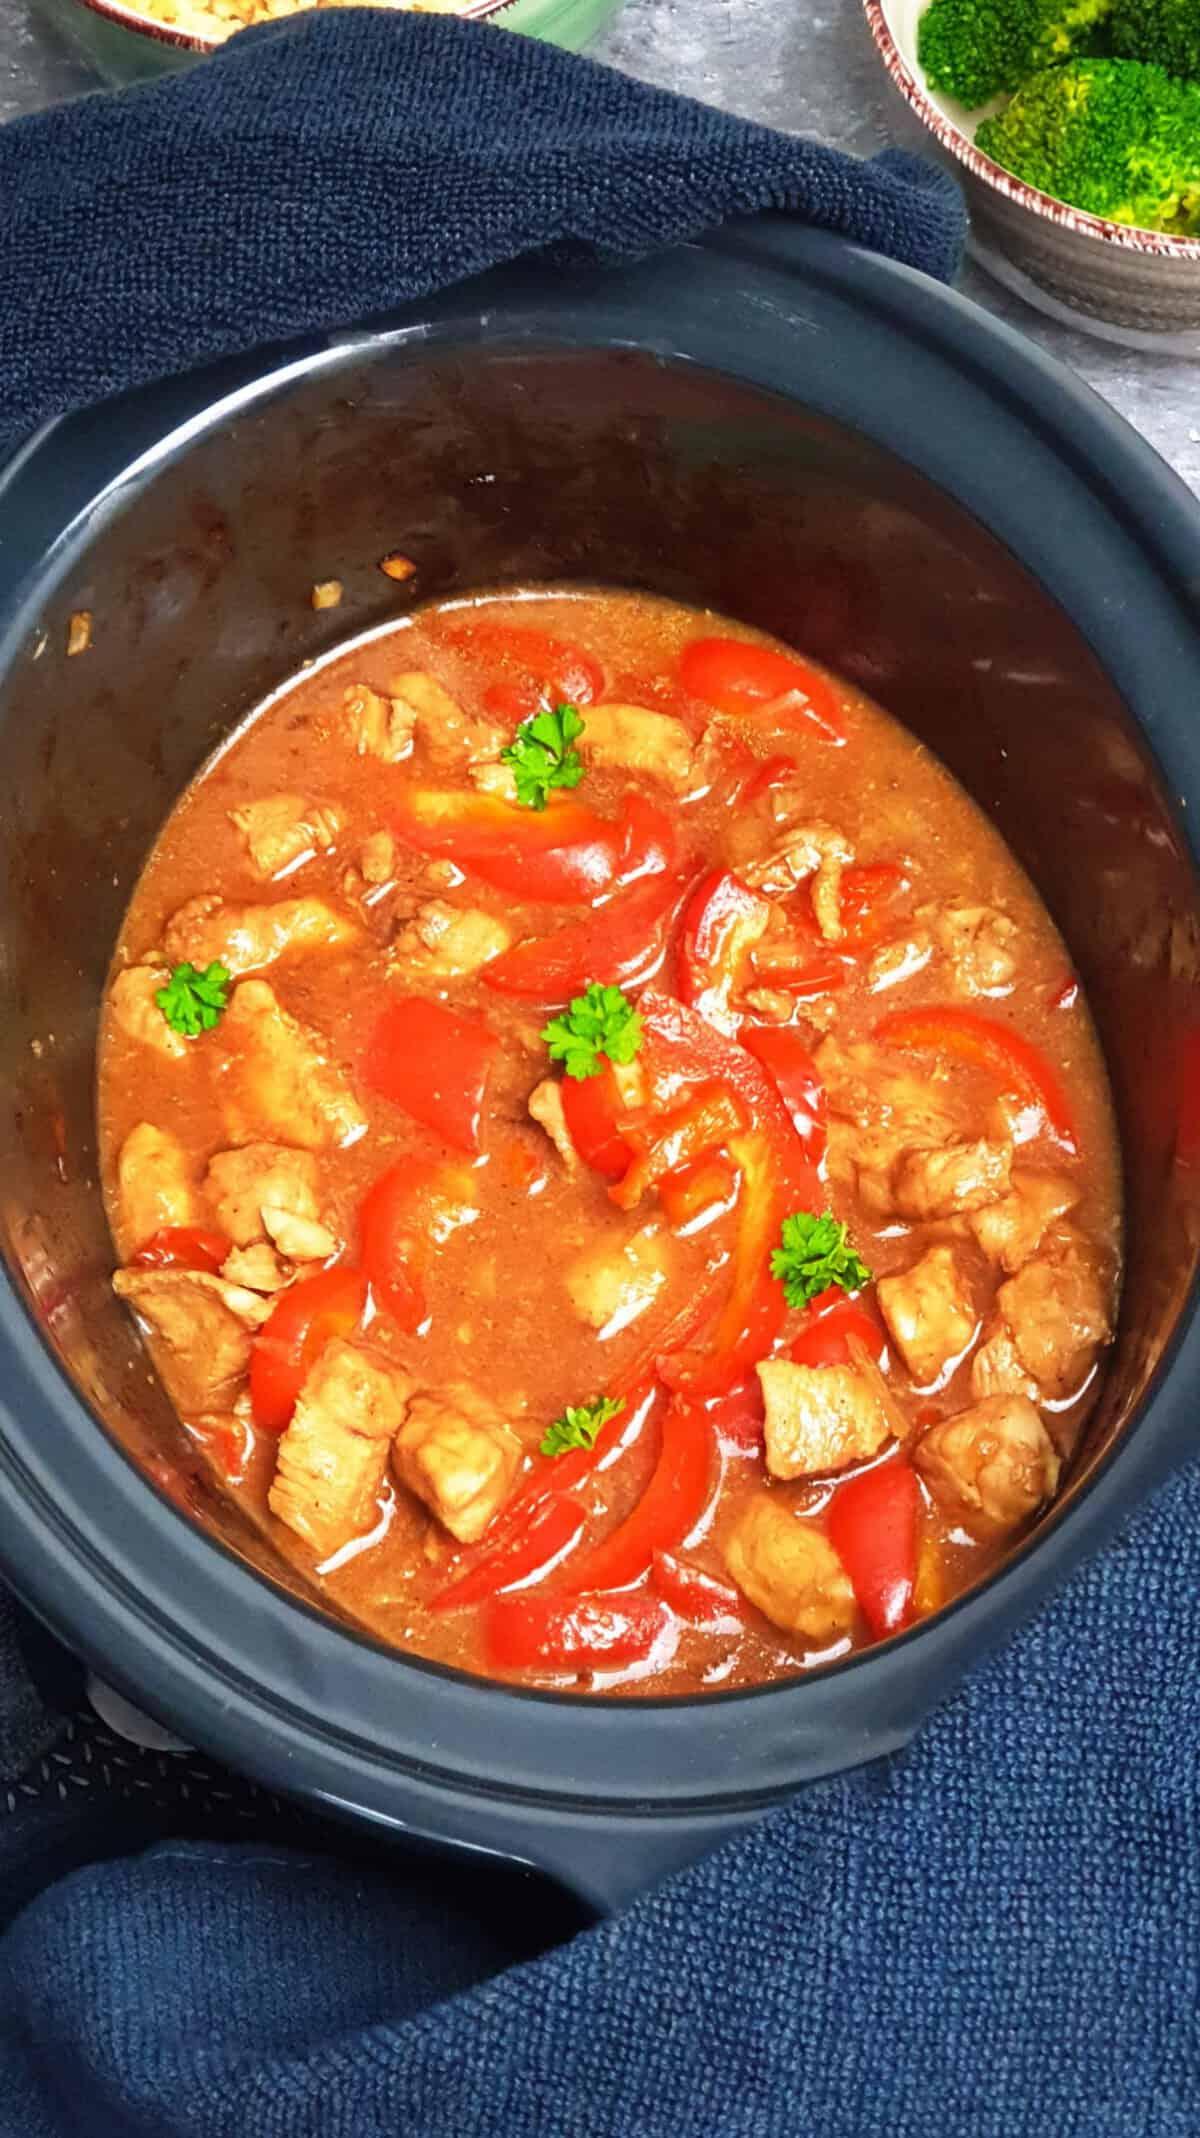 Im Crock Pot Sesam Hähnchen mit Petersilie bestreut. Im Hintergrund Deko.